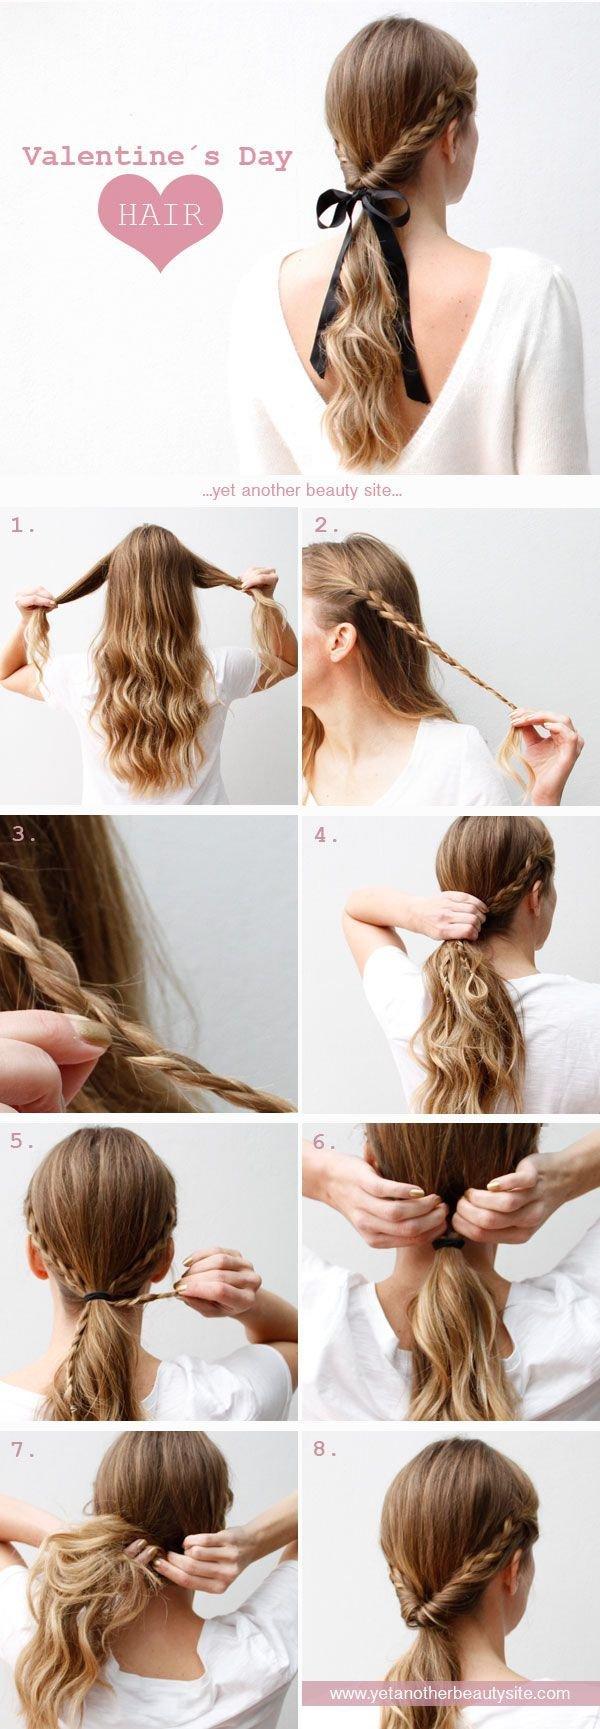 hair,hairstyle,brown,hair coloring,long hair,